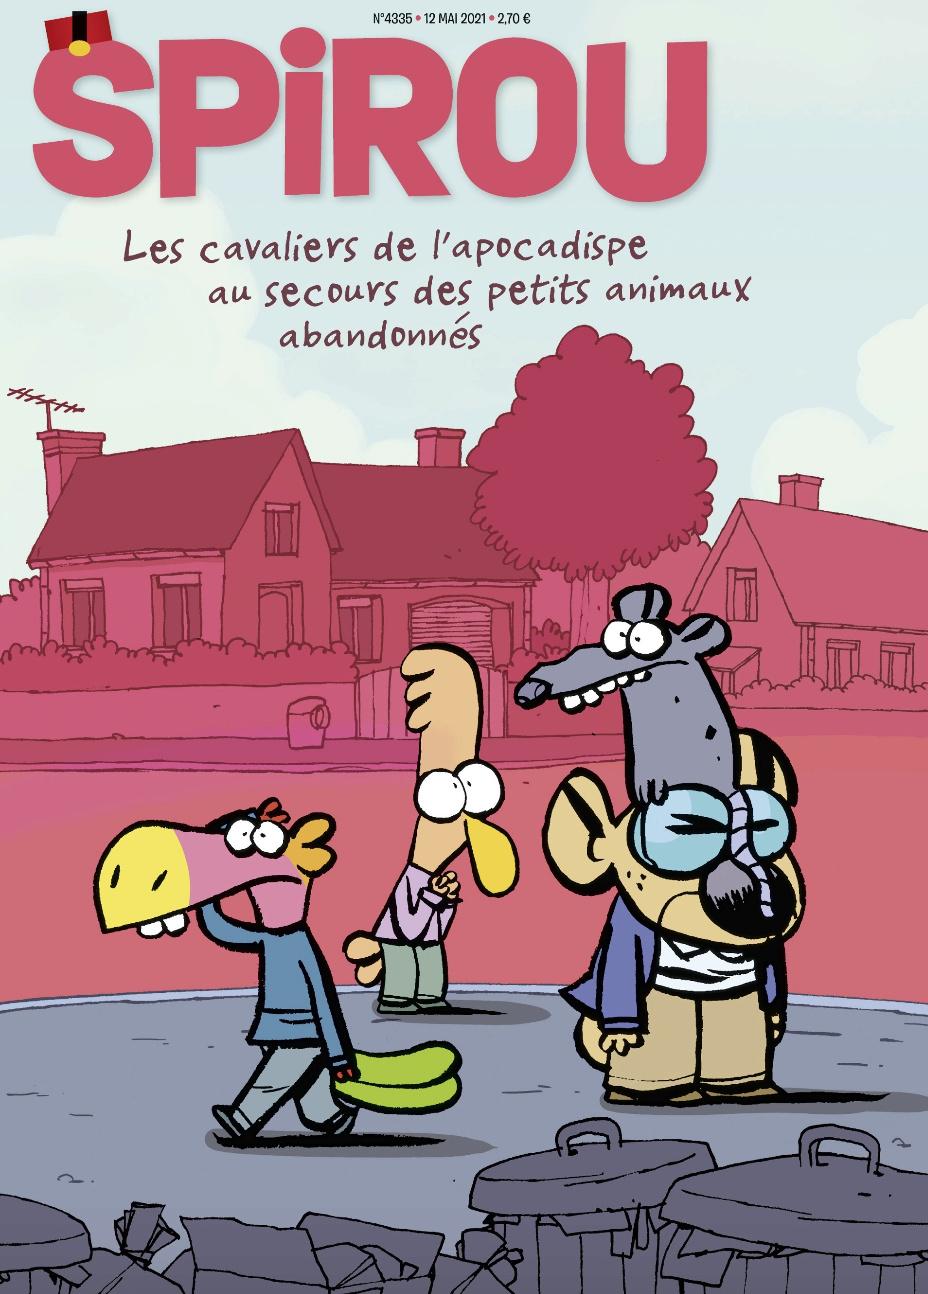 Spirou ... le journal - Page 39 Captur42